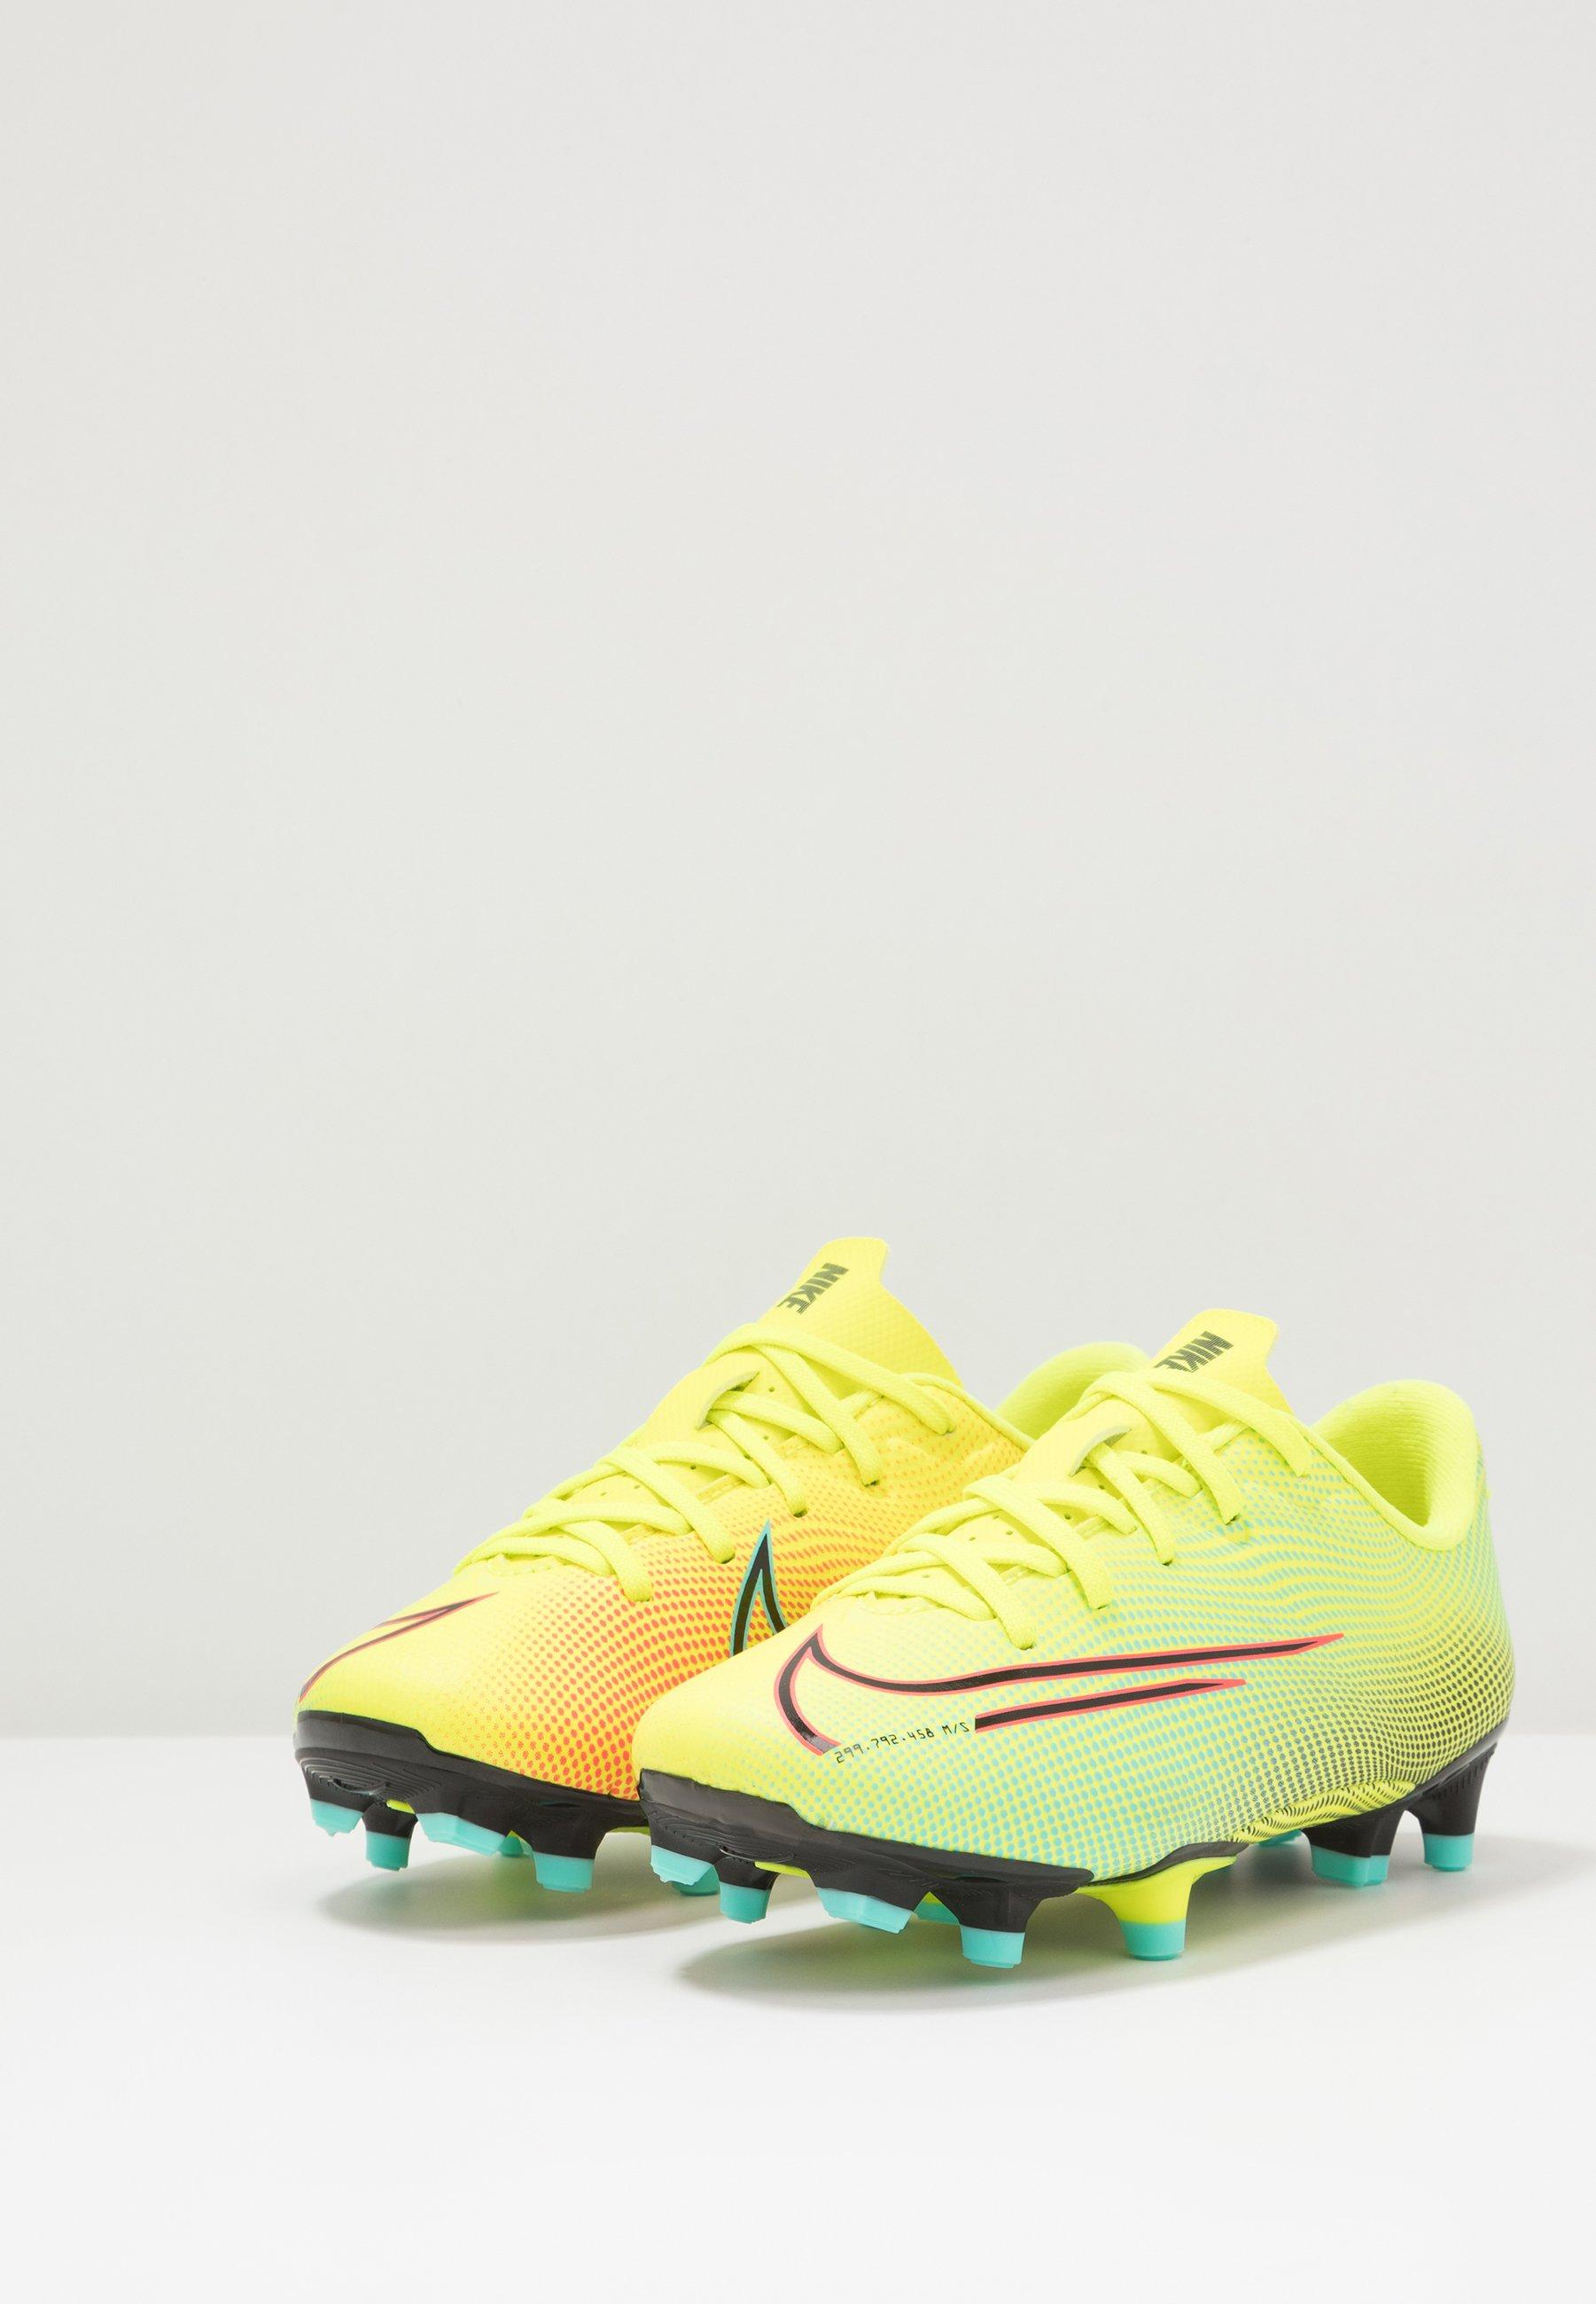 Nike Mercurial Vapor 13 Academy FGMG voetbalschoenen